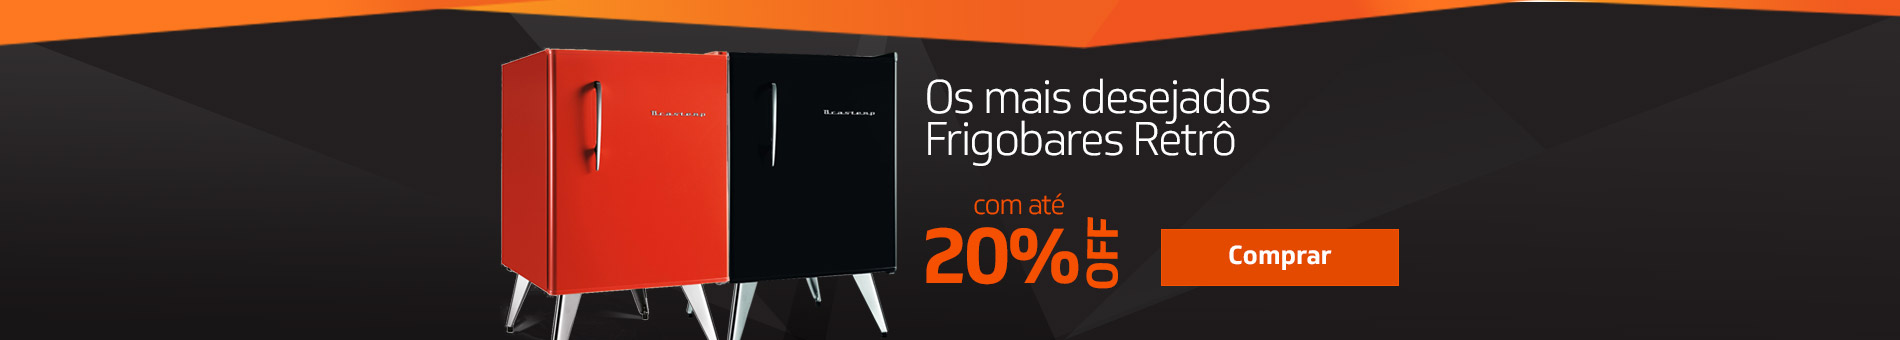 Promoção Interna - 583 - finaldesemana_frigobar_home5_22072016 - frigobar - 5